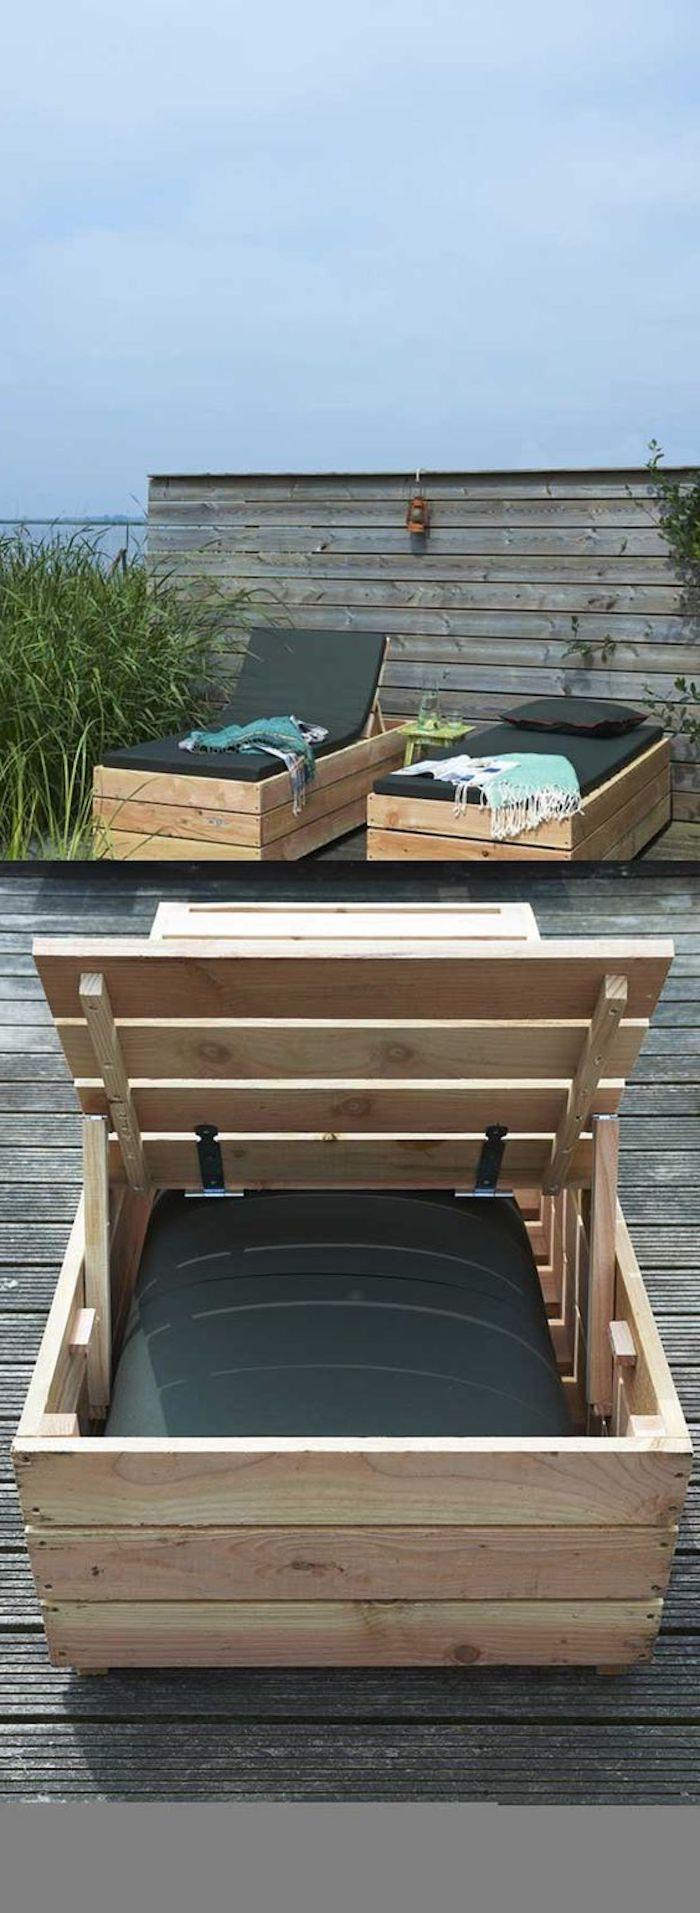 ▷ 56 + ideen und bilder zum thema palettenmöbel terrasse, Gartengerate ideen